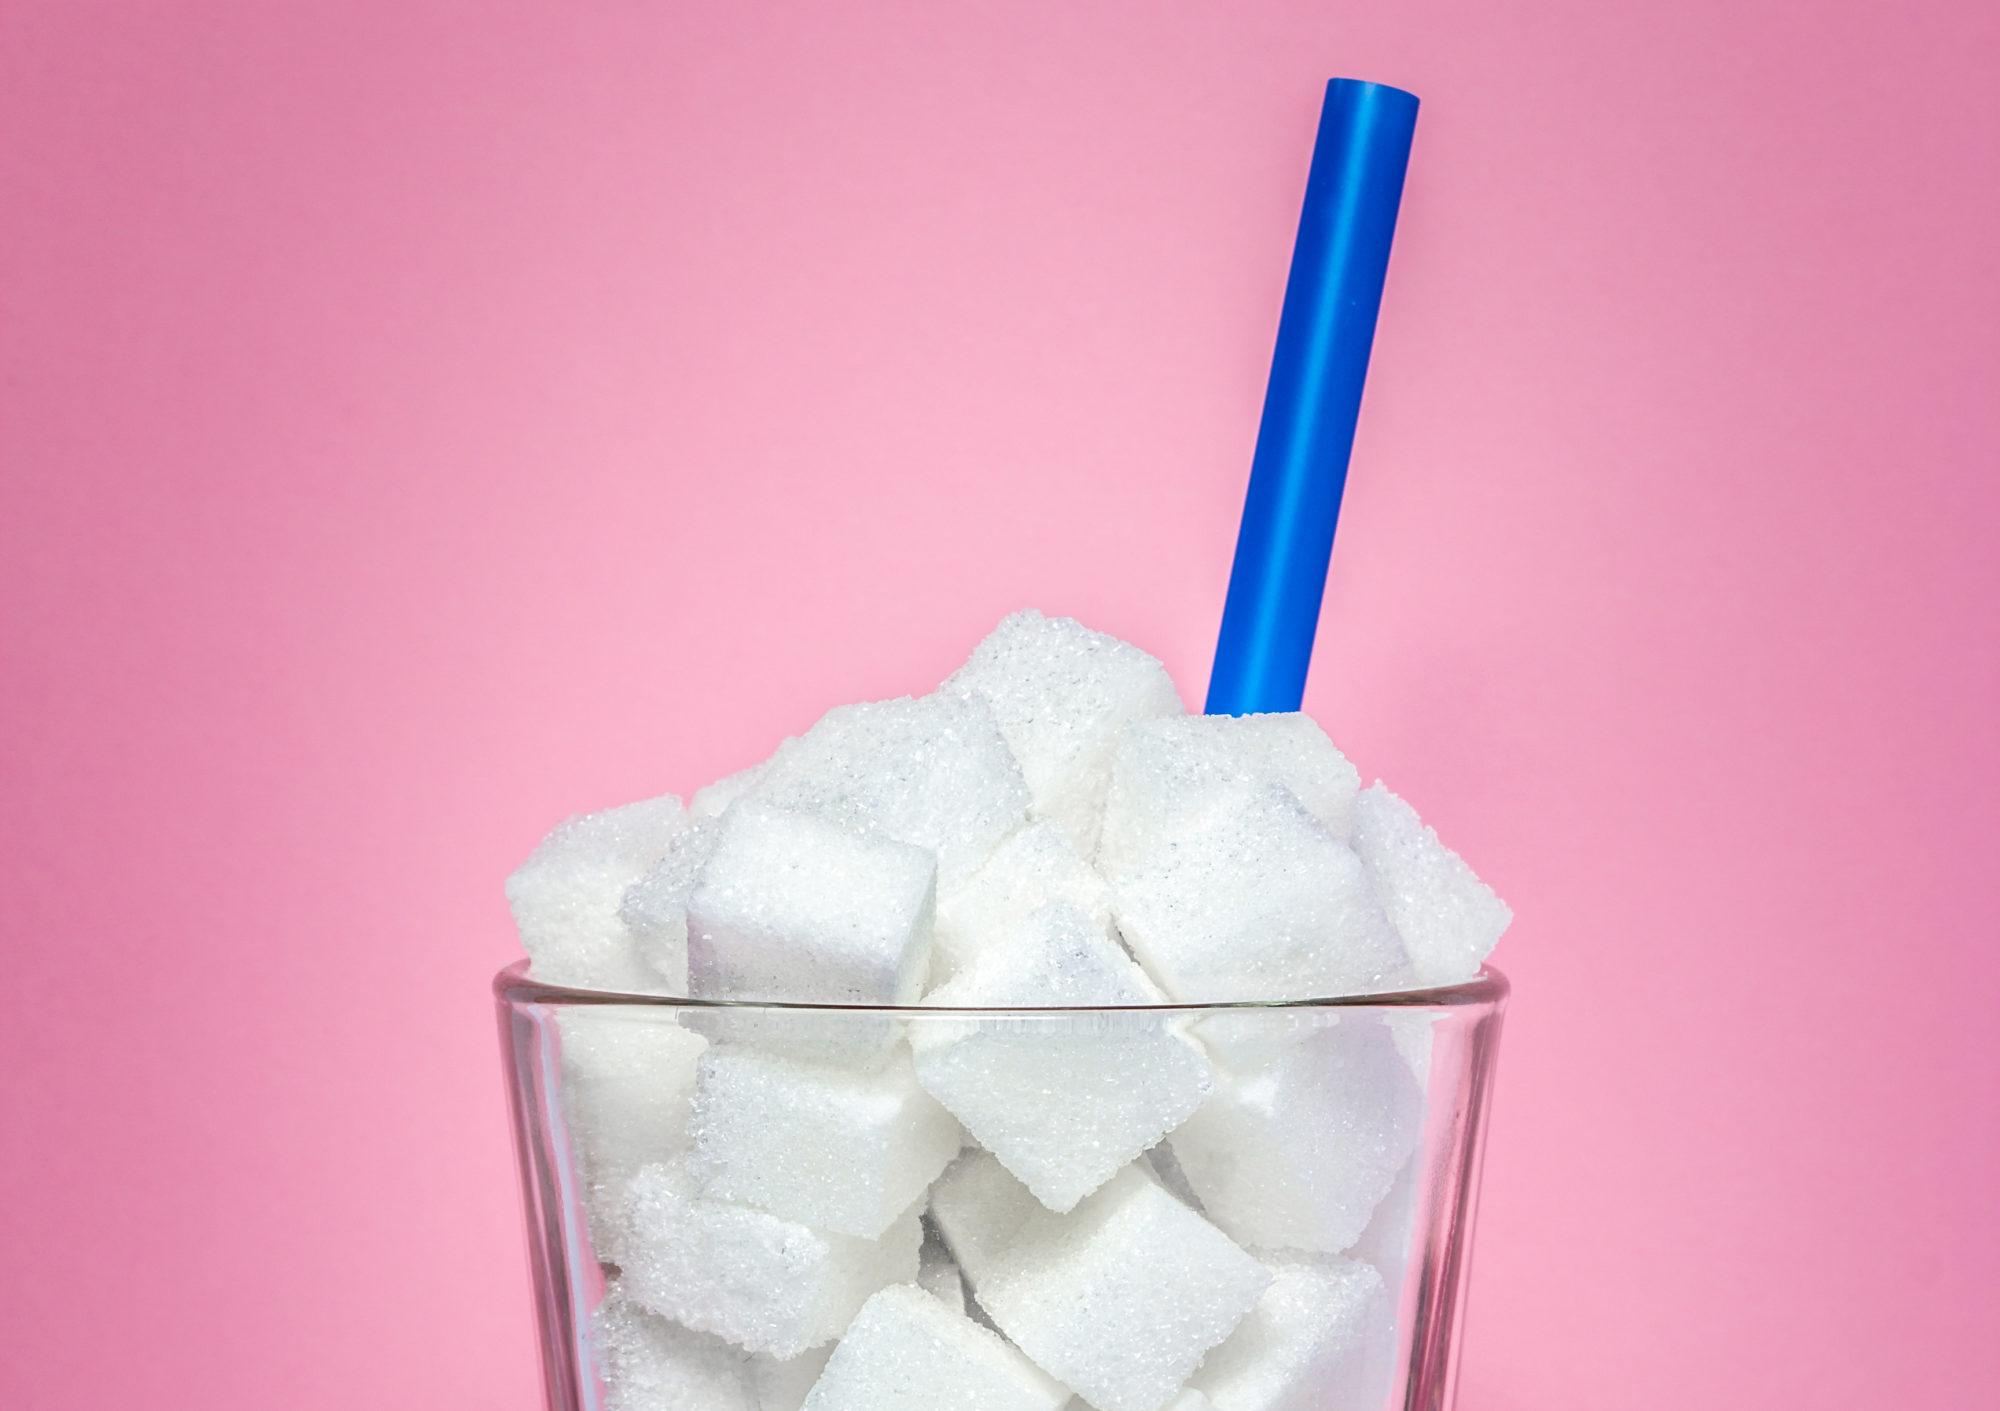 faktencheck hat orangensaft wirklich mehr kalorien als cola. Black Bedroom Furniture Sets. Home Design Ideas